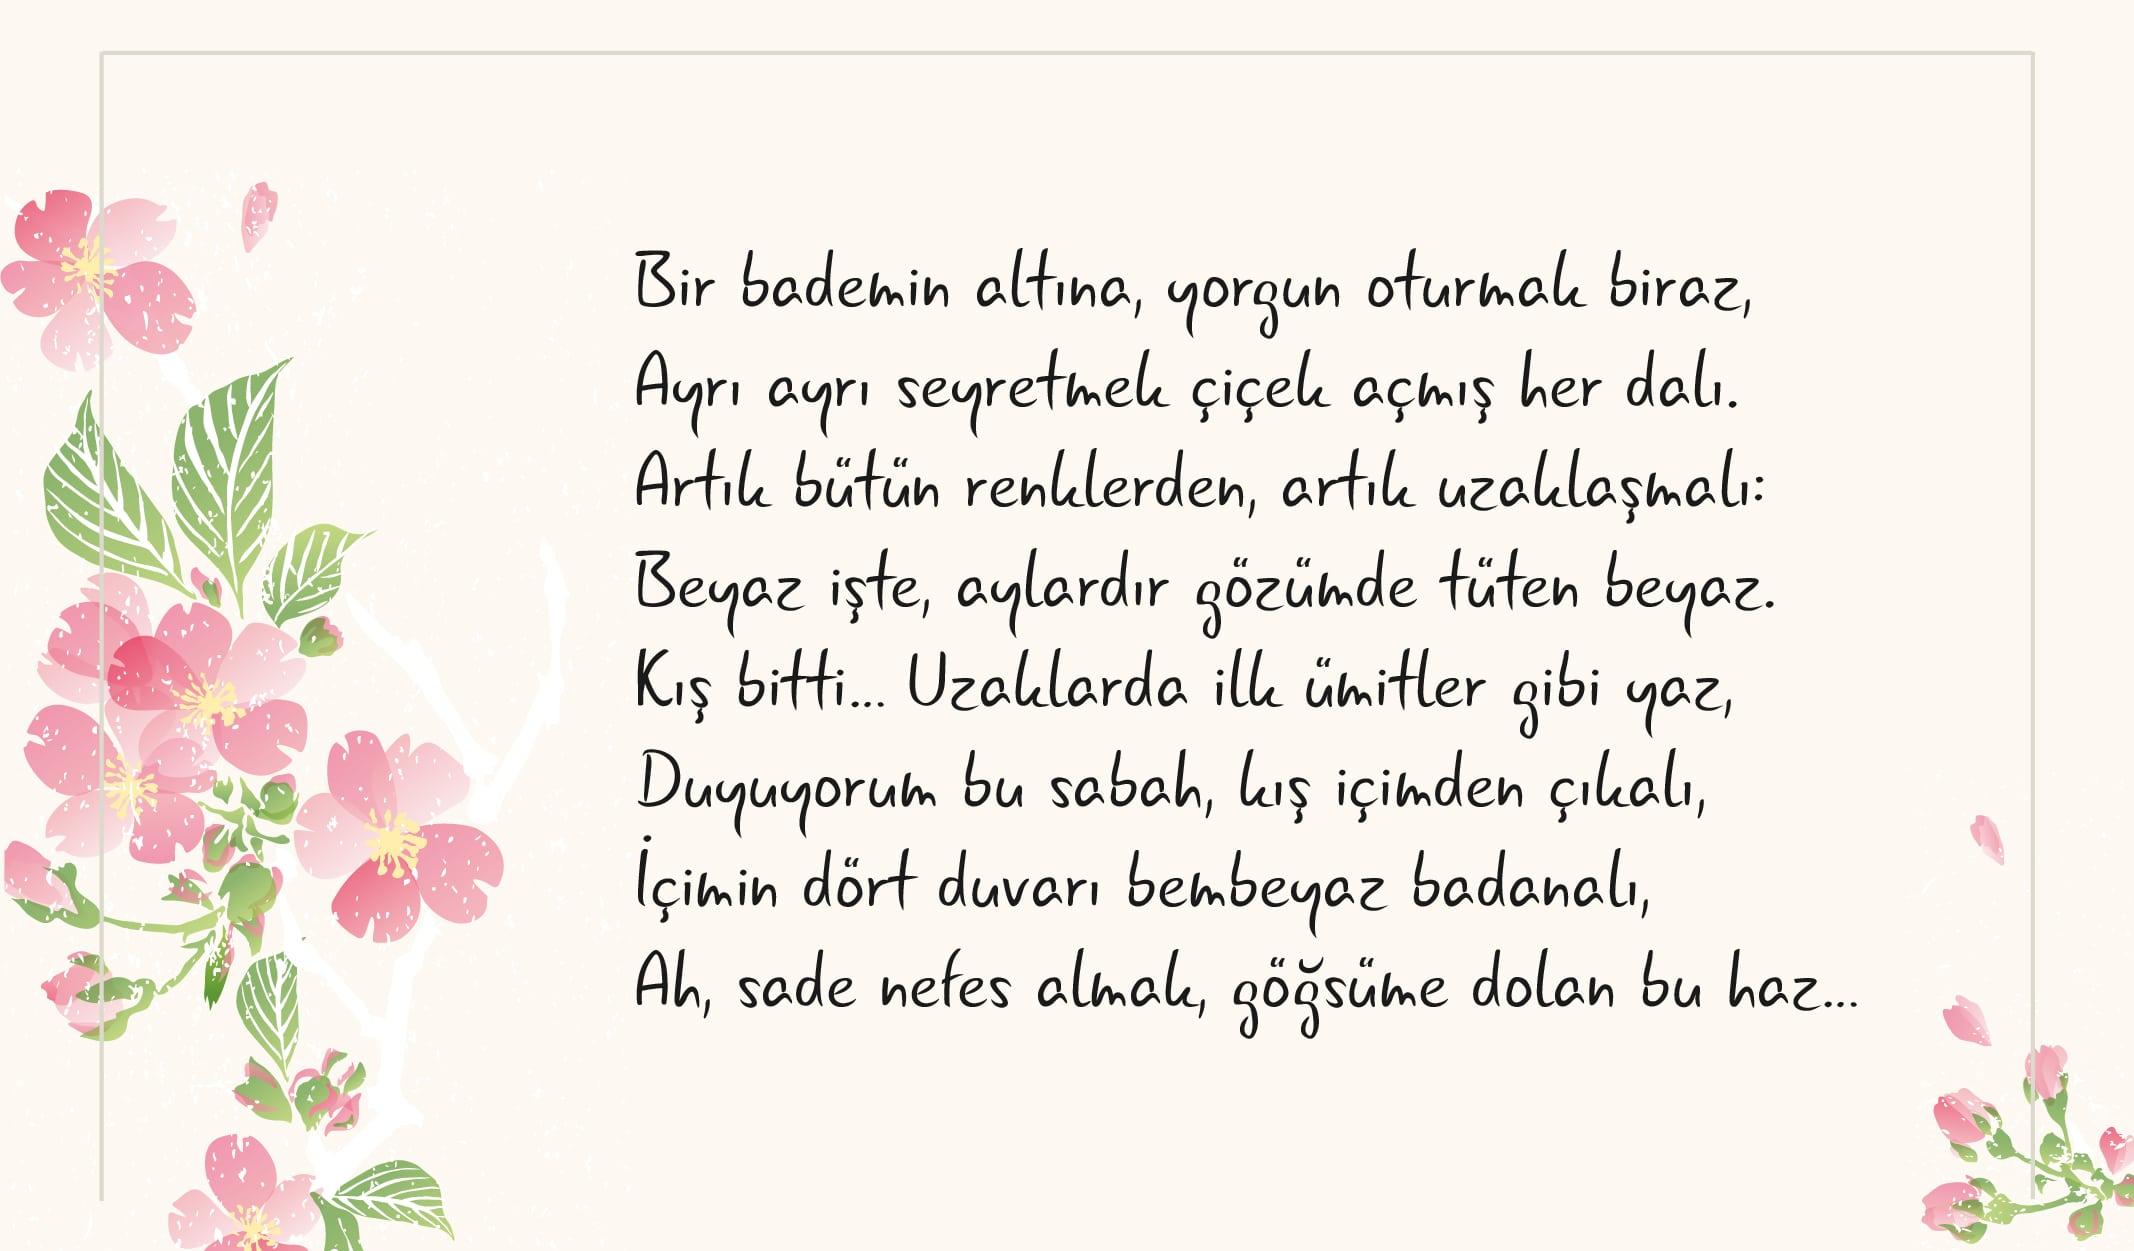 6 şairden 6 Farklı Bahar şiiri Halkbank Kültür Ve Yaşam